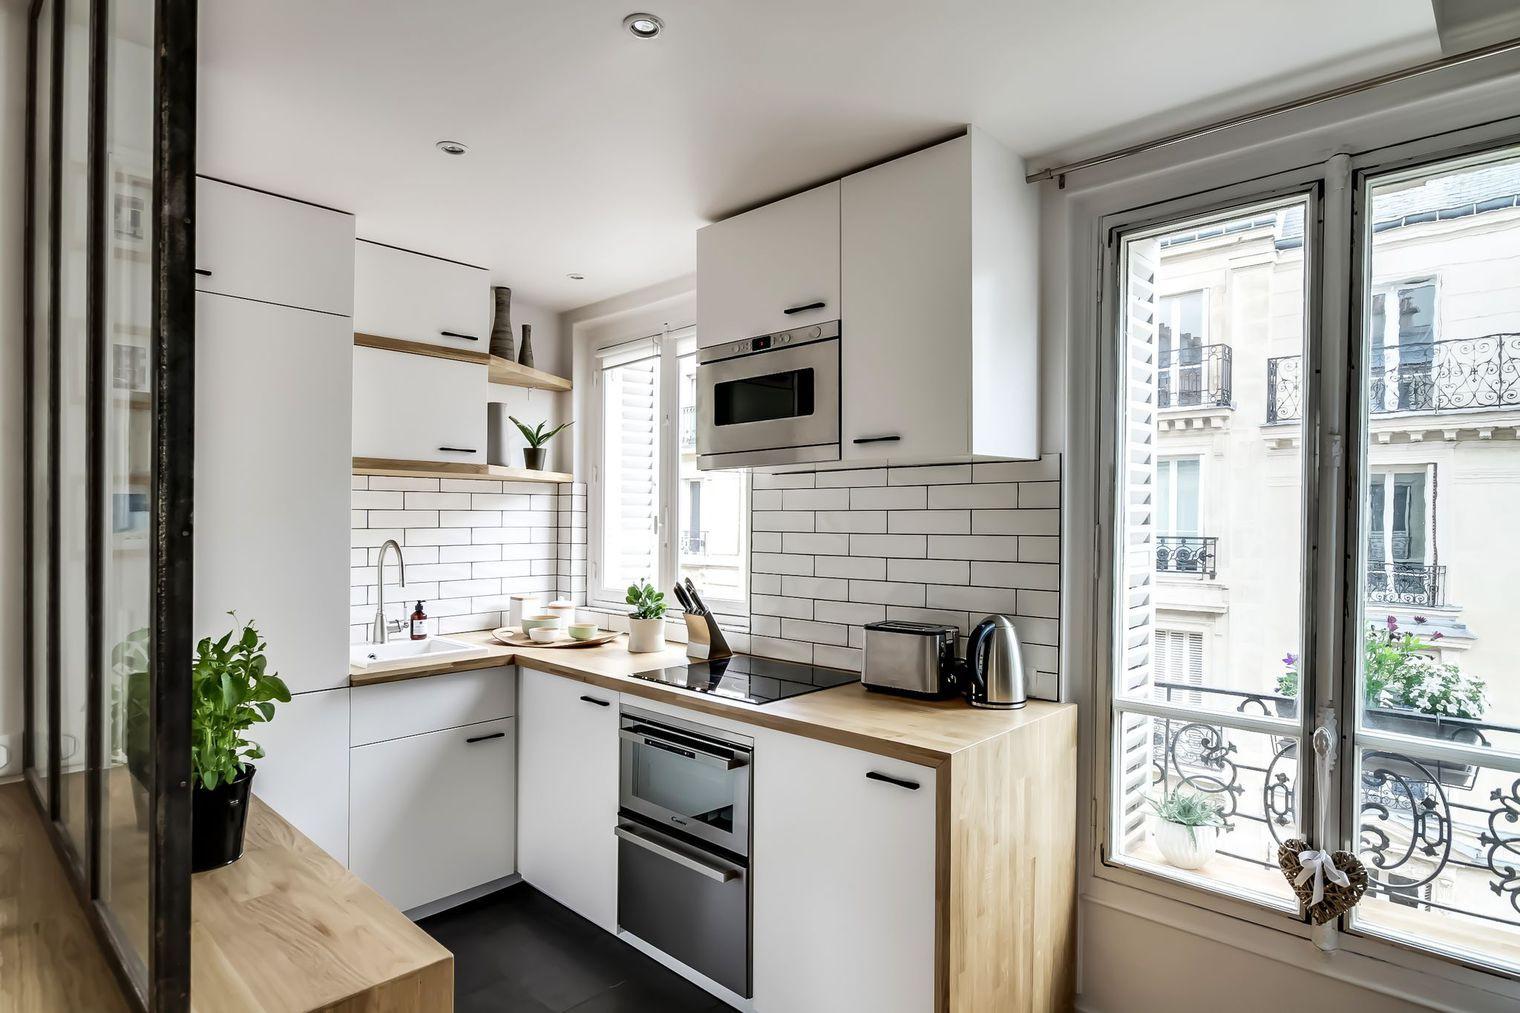 Sau cải tạo, căn hộ 38m² đẹp hoàn hảo mọi góc nhìn   - Ảnh 5.